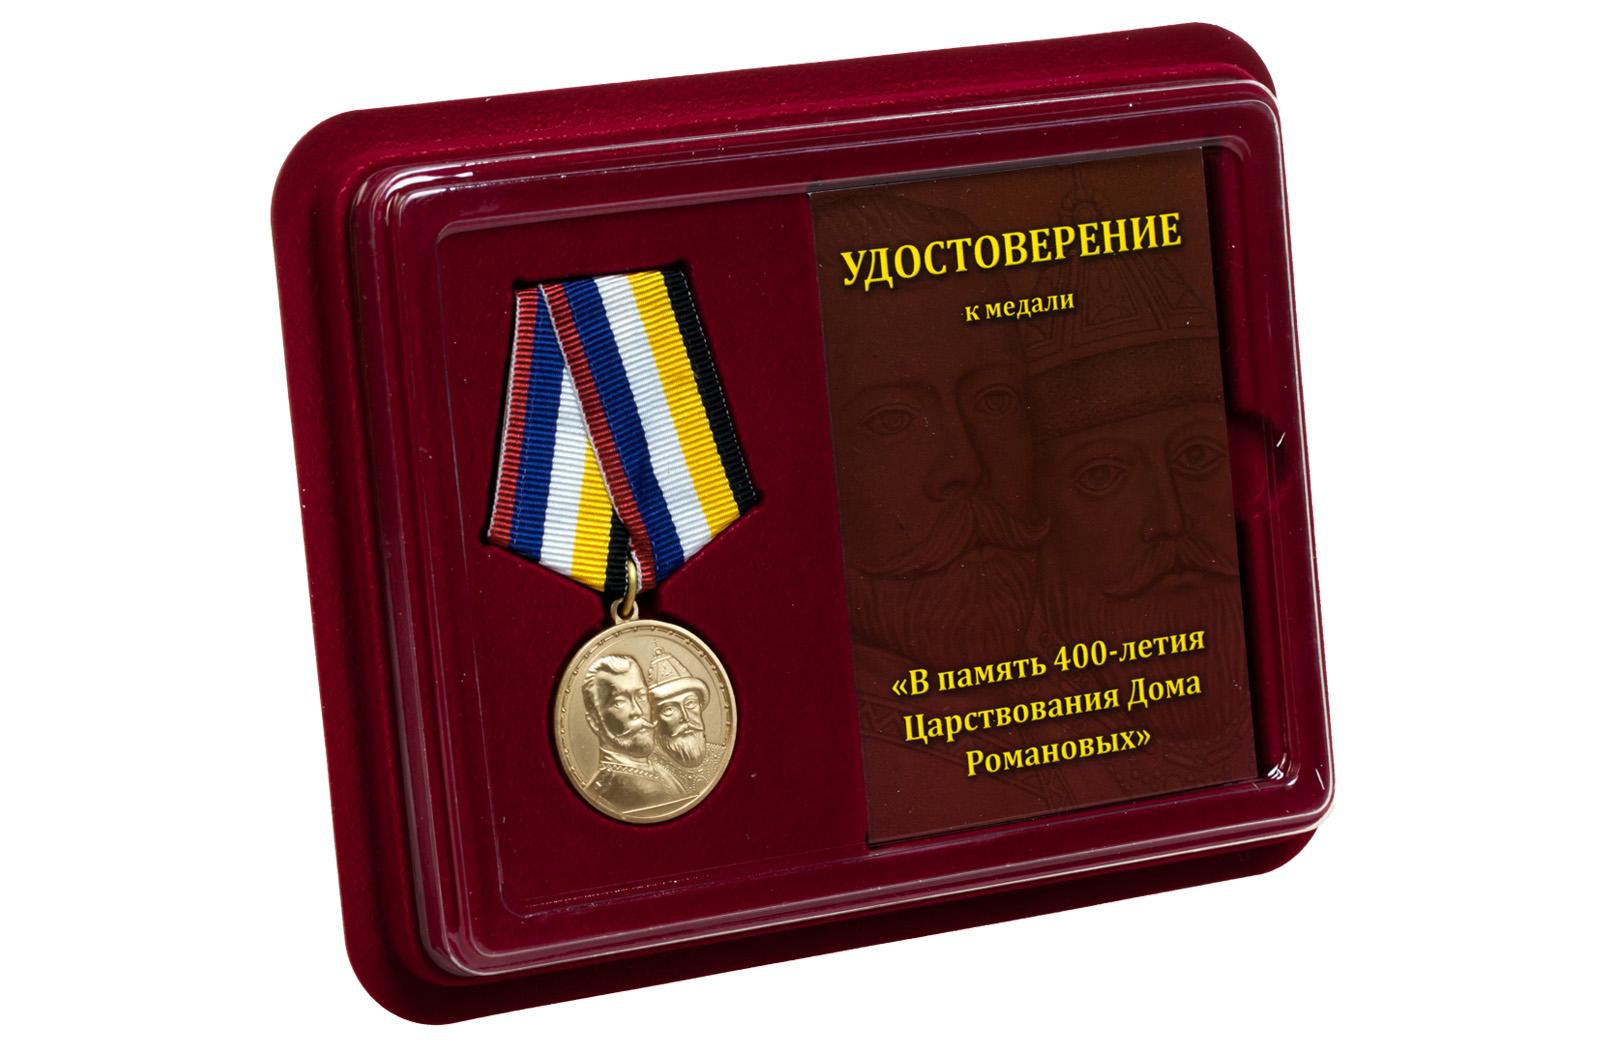 Купить юбилейную медаль 400 лет Дому Романовых онлайн